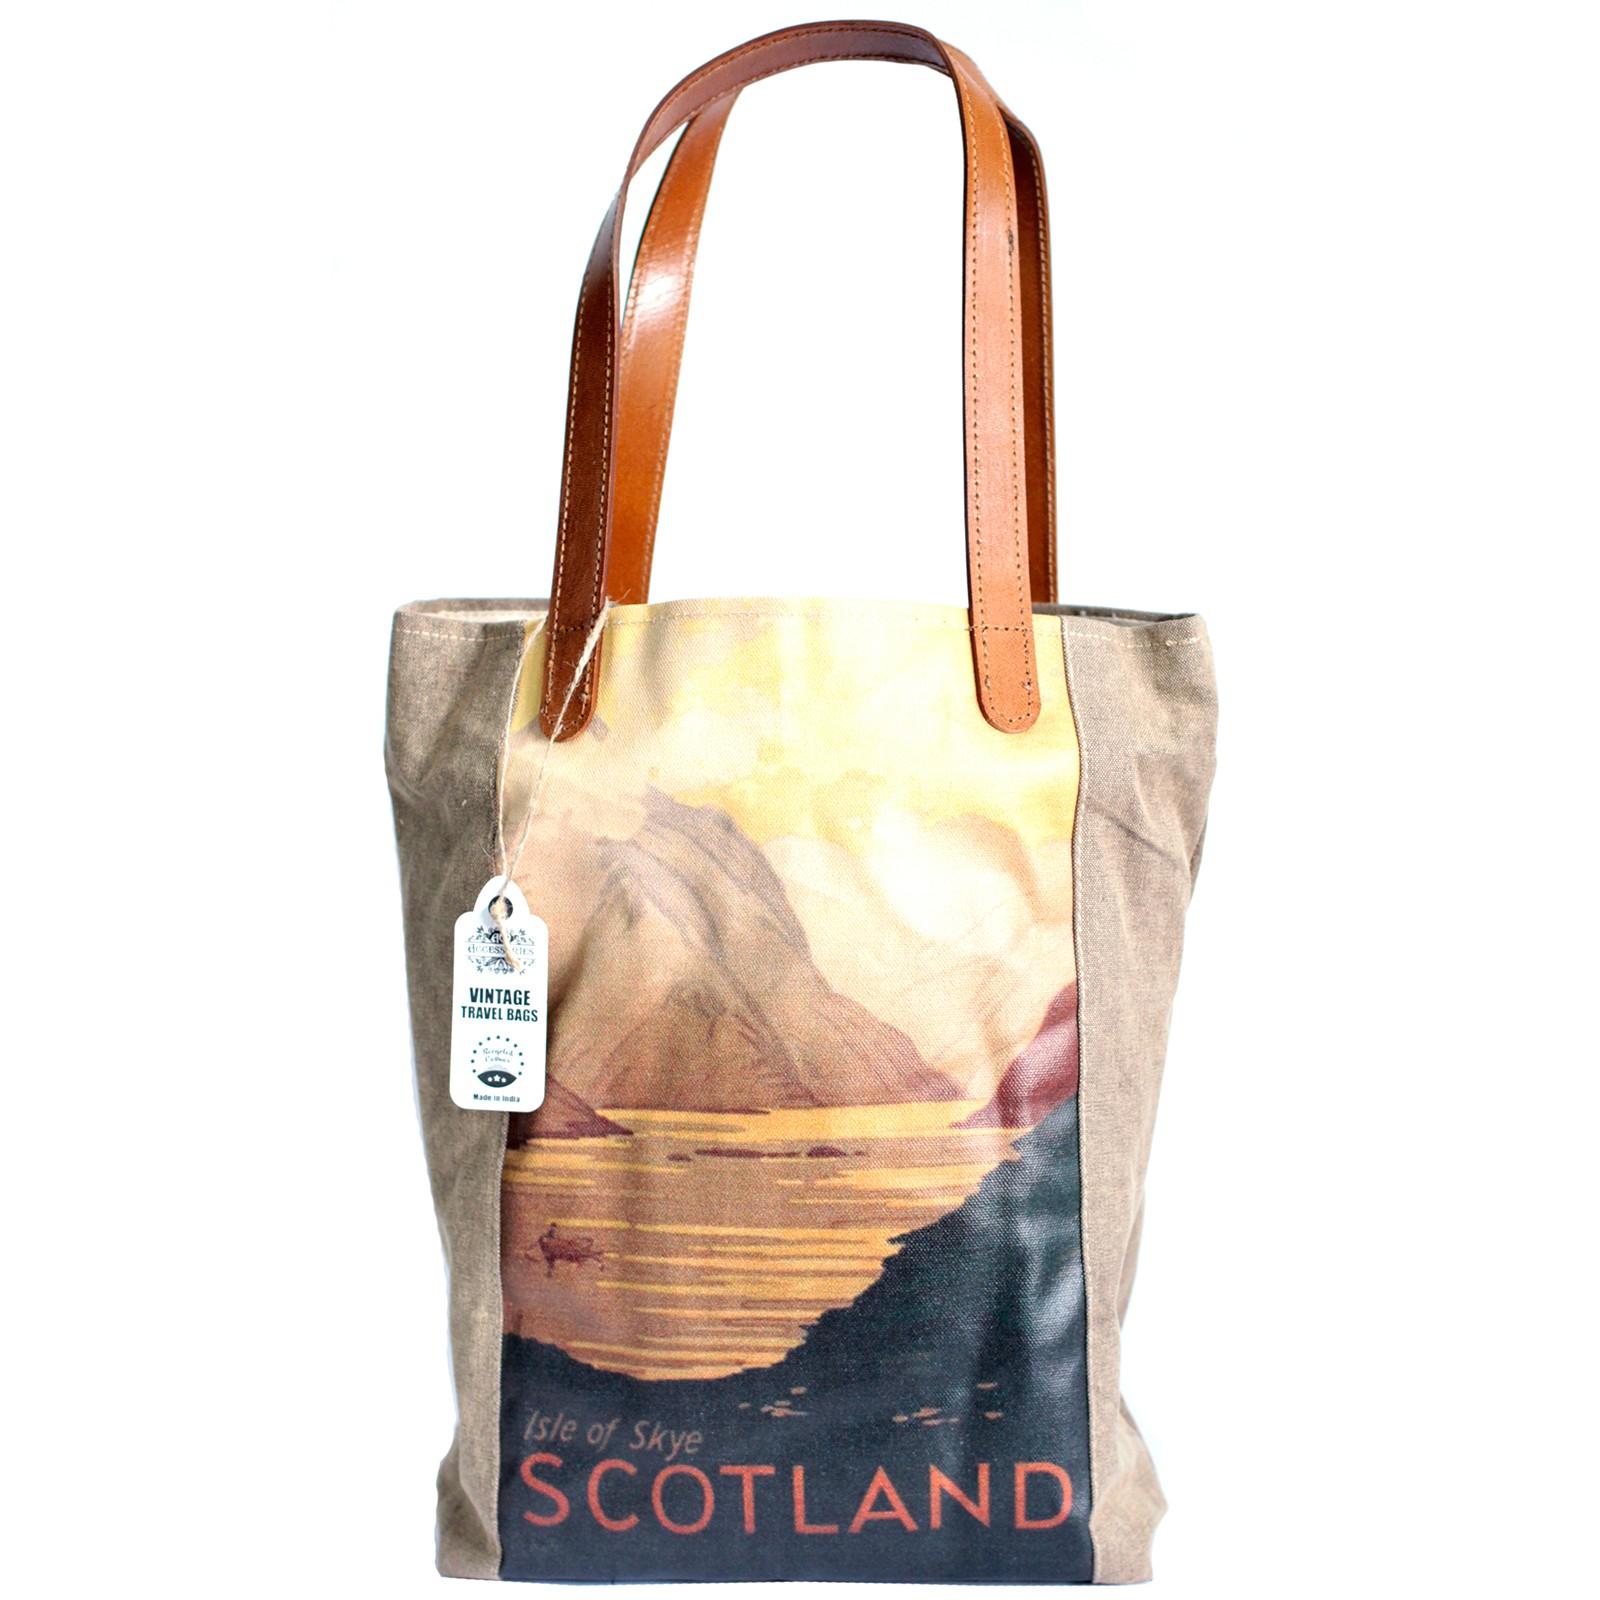 Vintage Travel Bag - Scotland